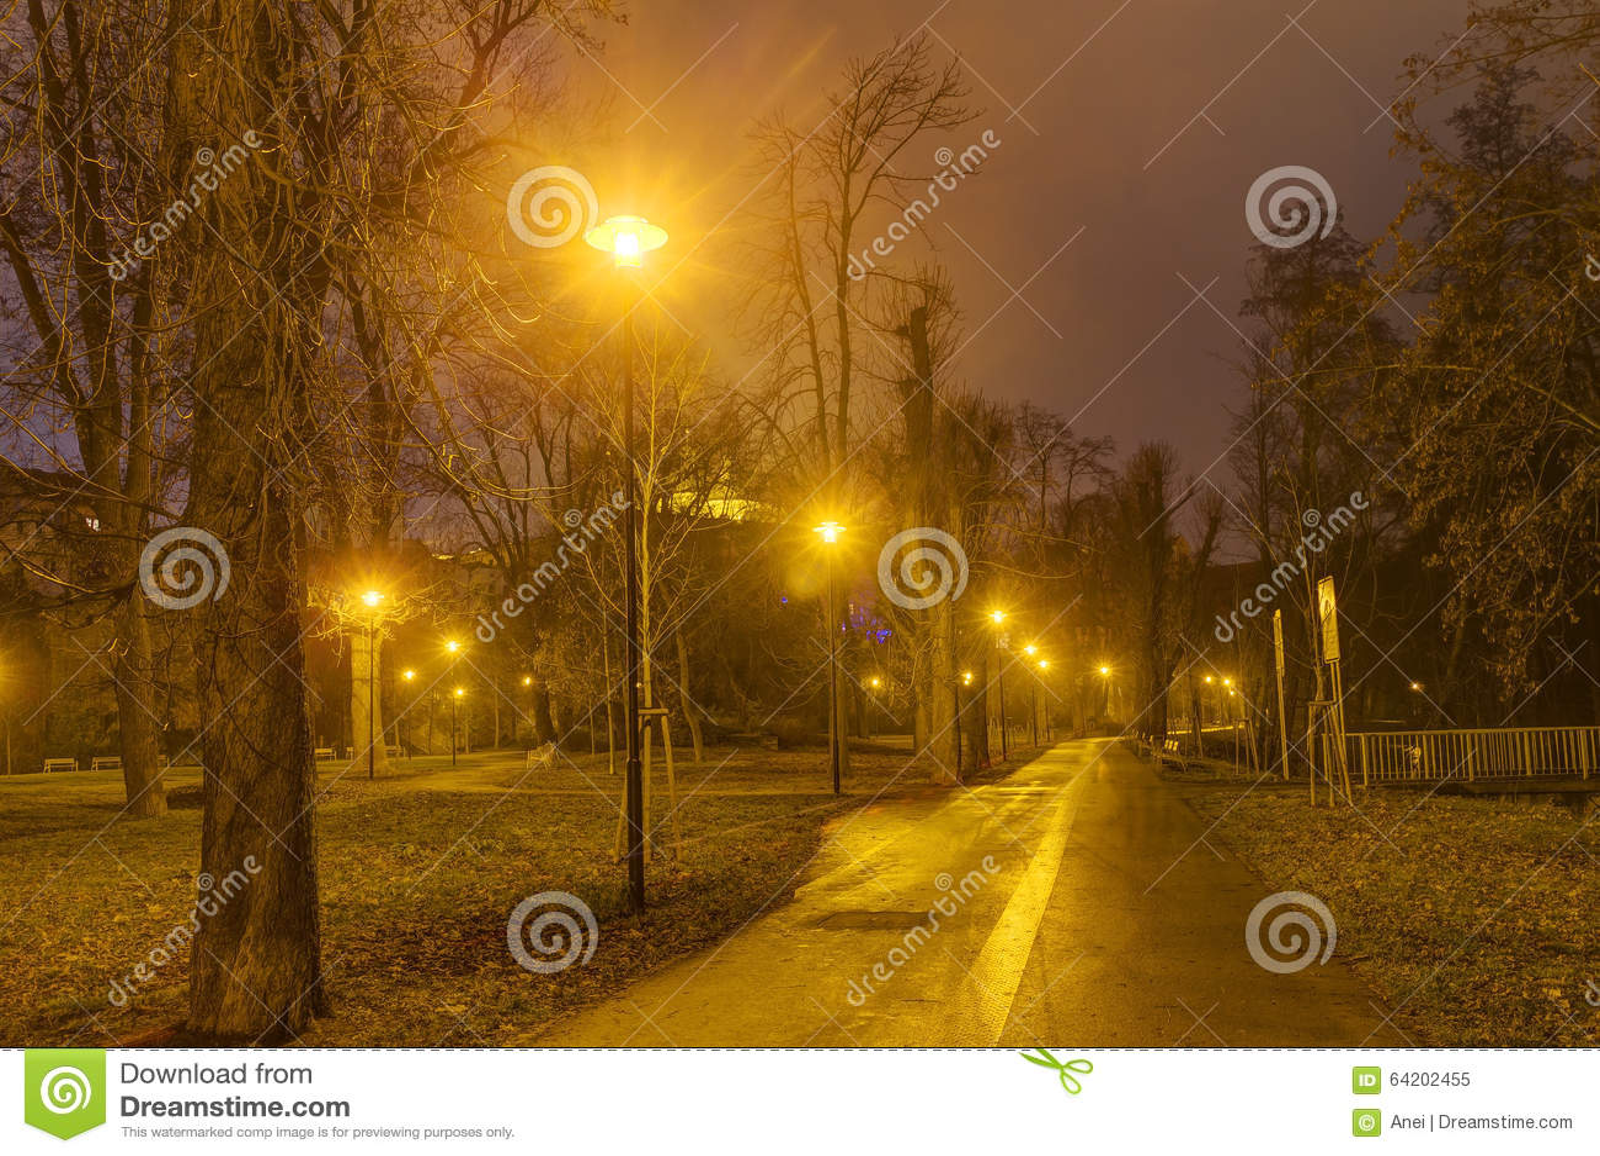 Foto de HDR del parque de la ciudad de Olomouc en invierno sin nieve en la noche, República Checa